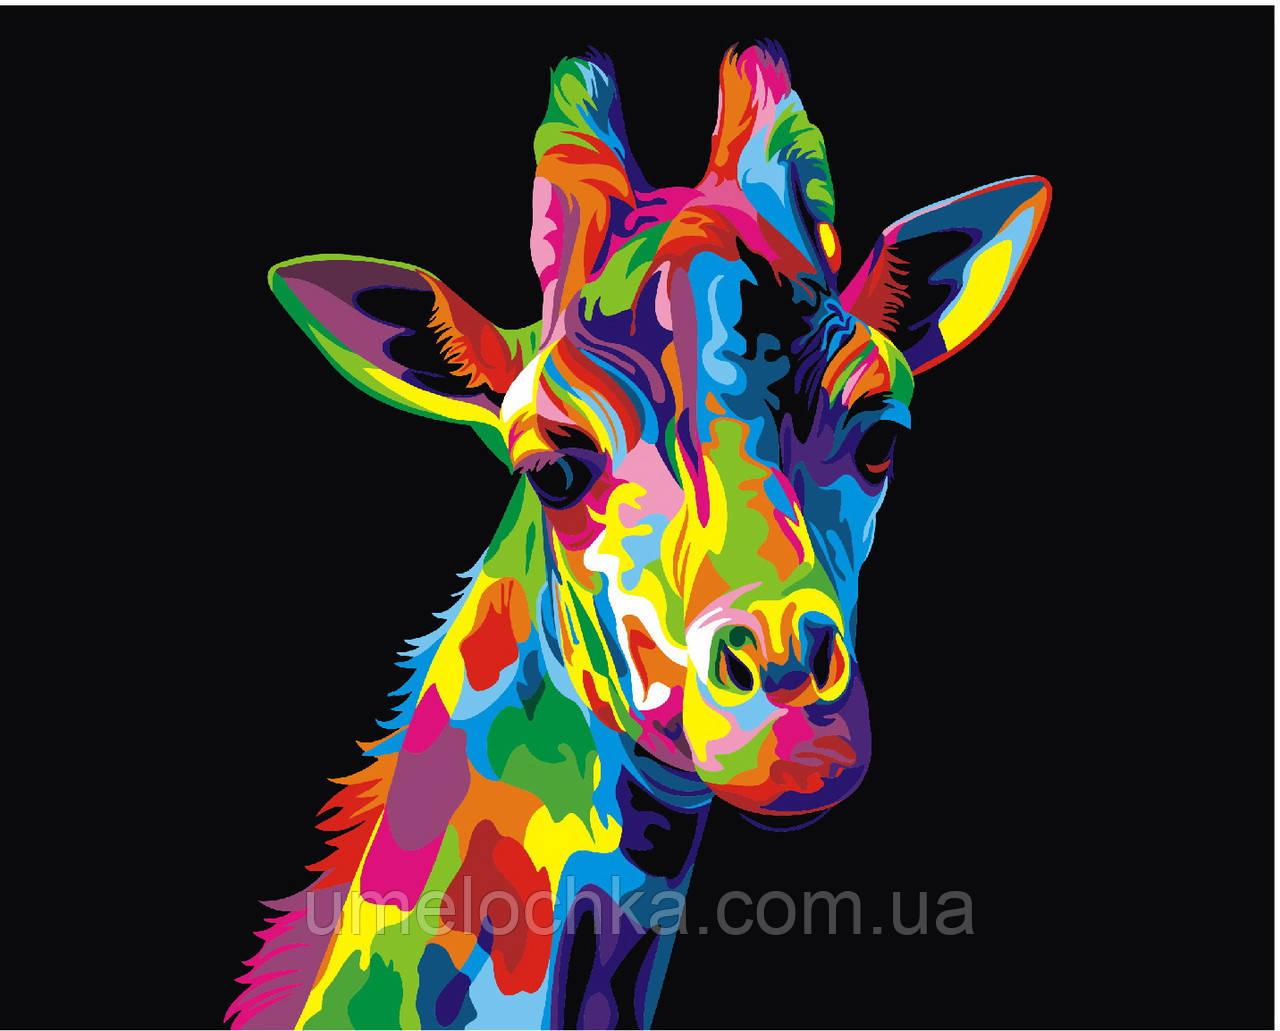 Холст по номерам без коробки Радужный жираф (BK-GEX5327) 40 х 50 см